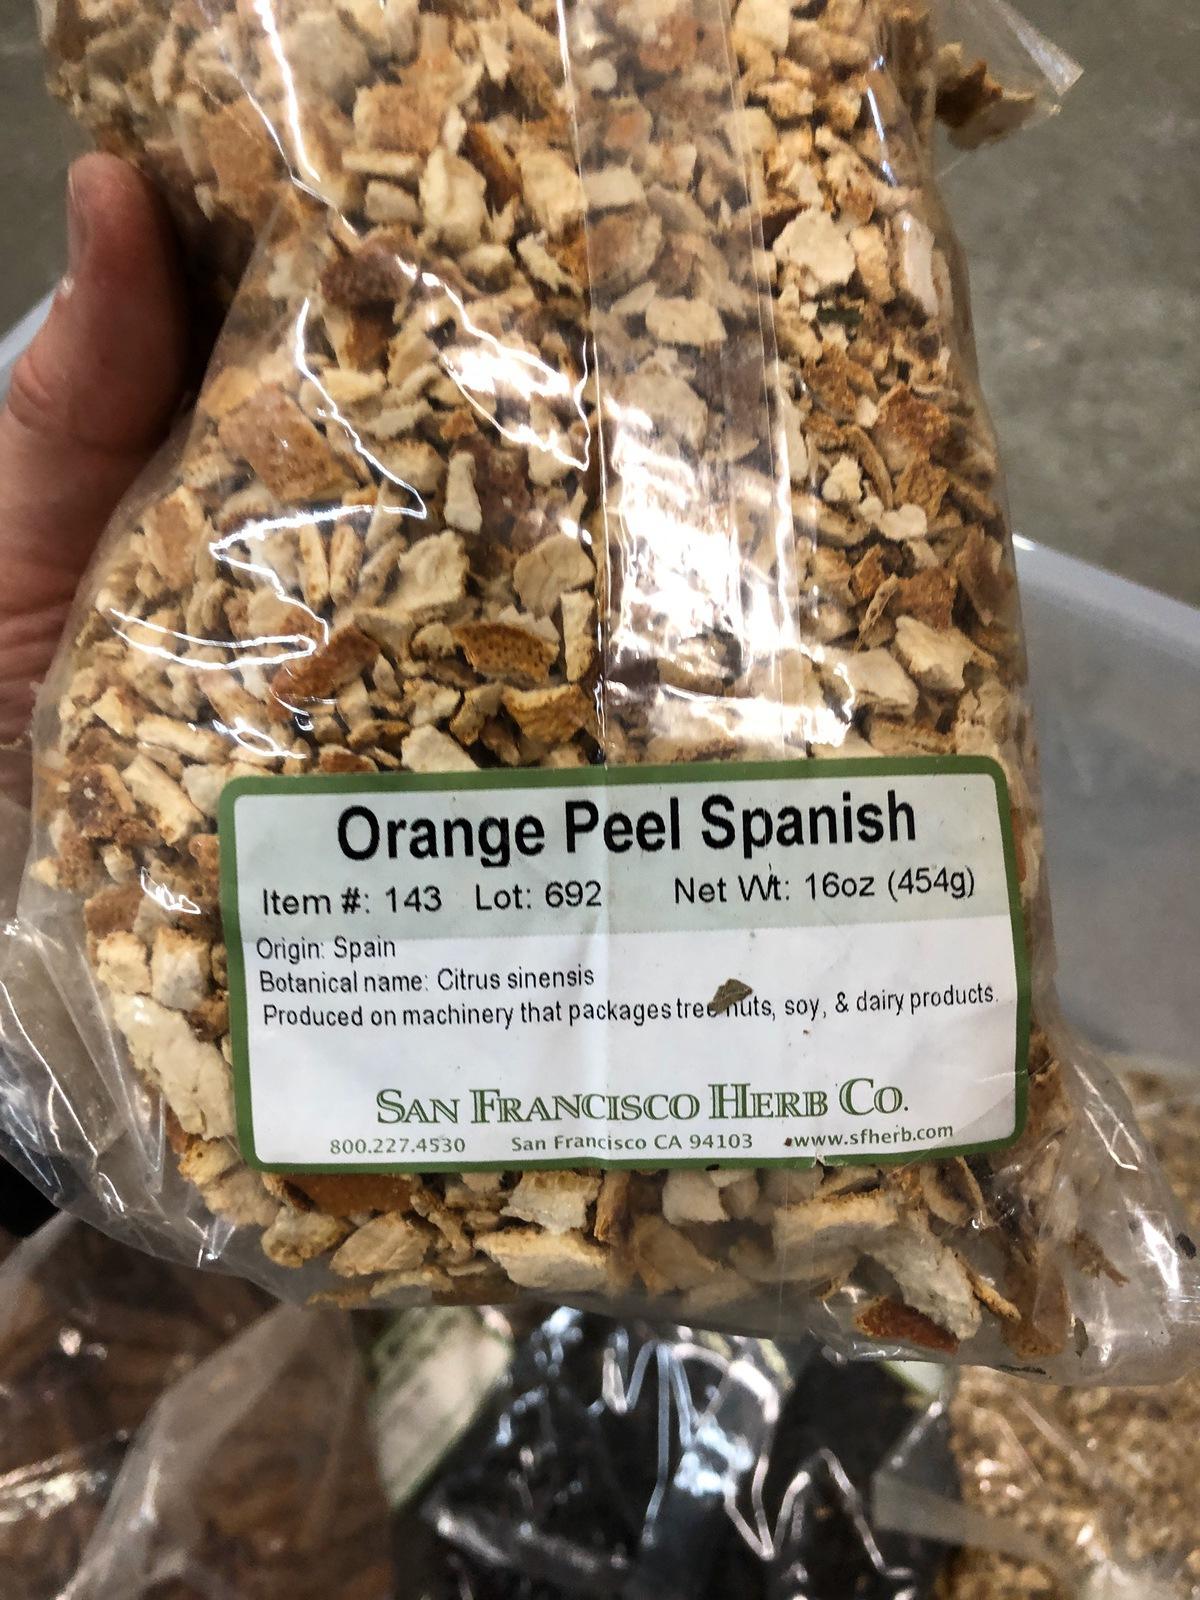 Lot of Herbs and Botanicals: Lemon Peel, Juniper Berries, Orange Peel, Orris Ro   Rig Fee: $20 or HC - Image 6 of 14